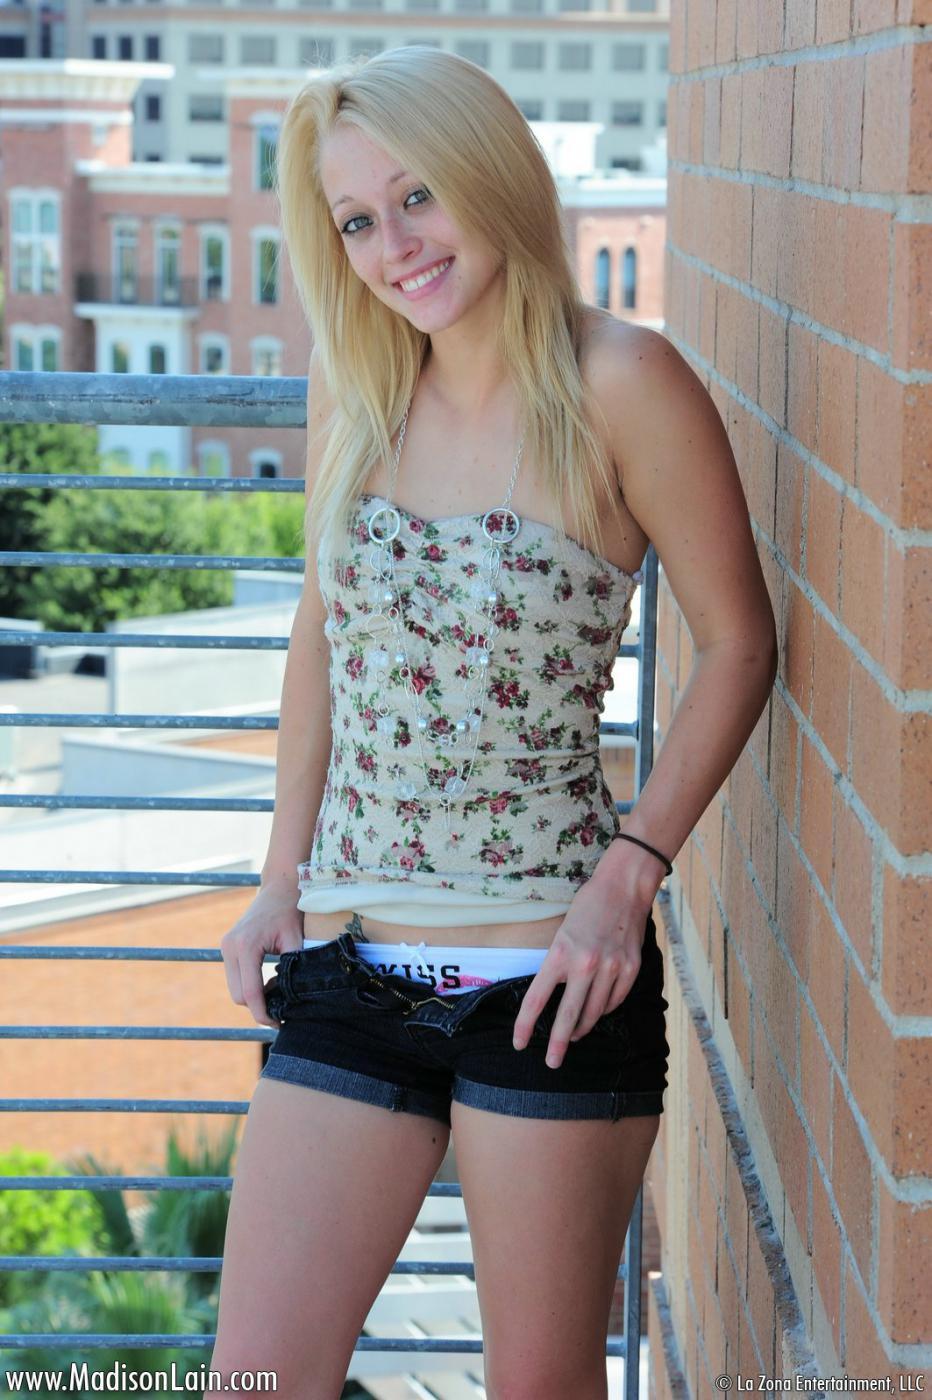 Игривая блондинка Madison Lain развратно показывает свои мелкие сиськи в общественных местах